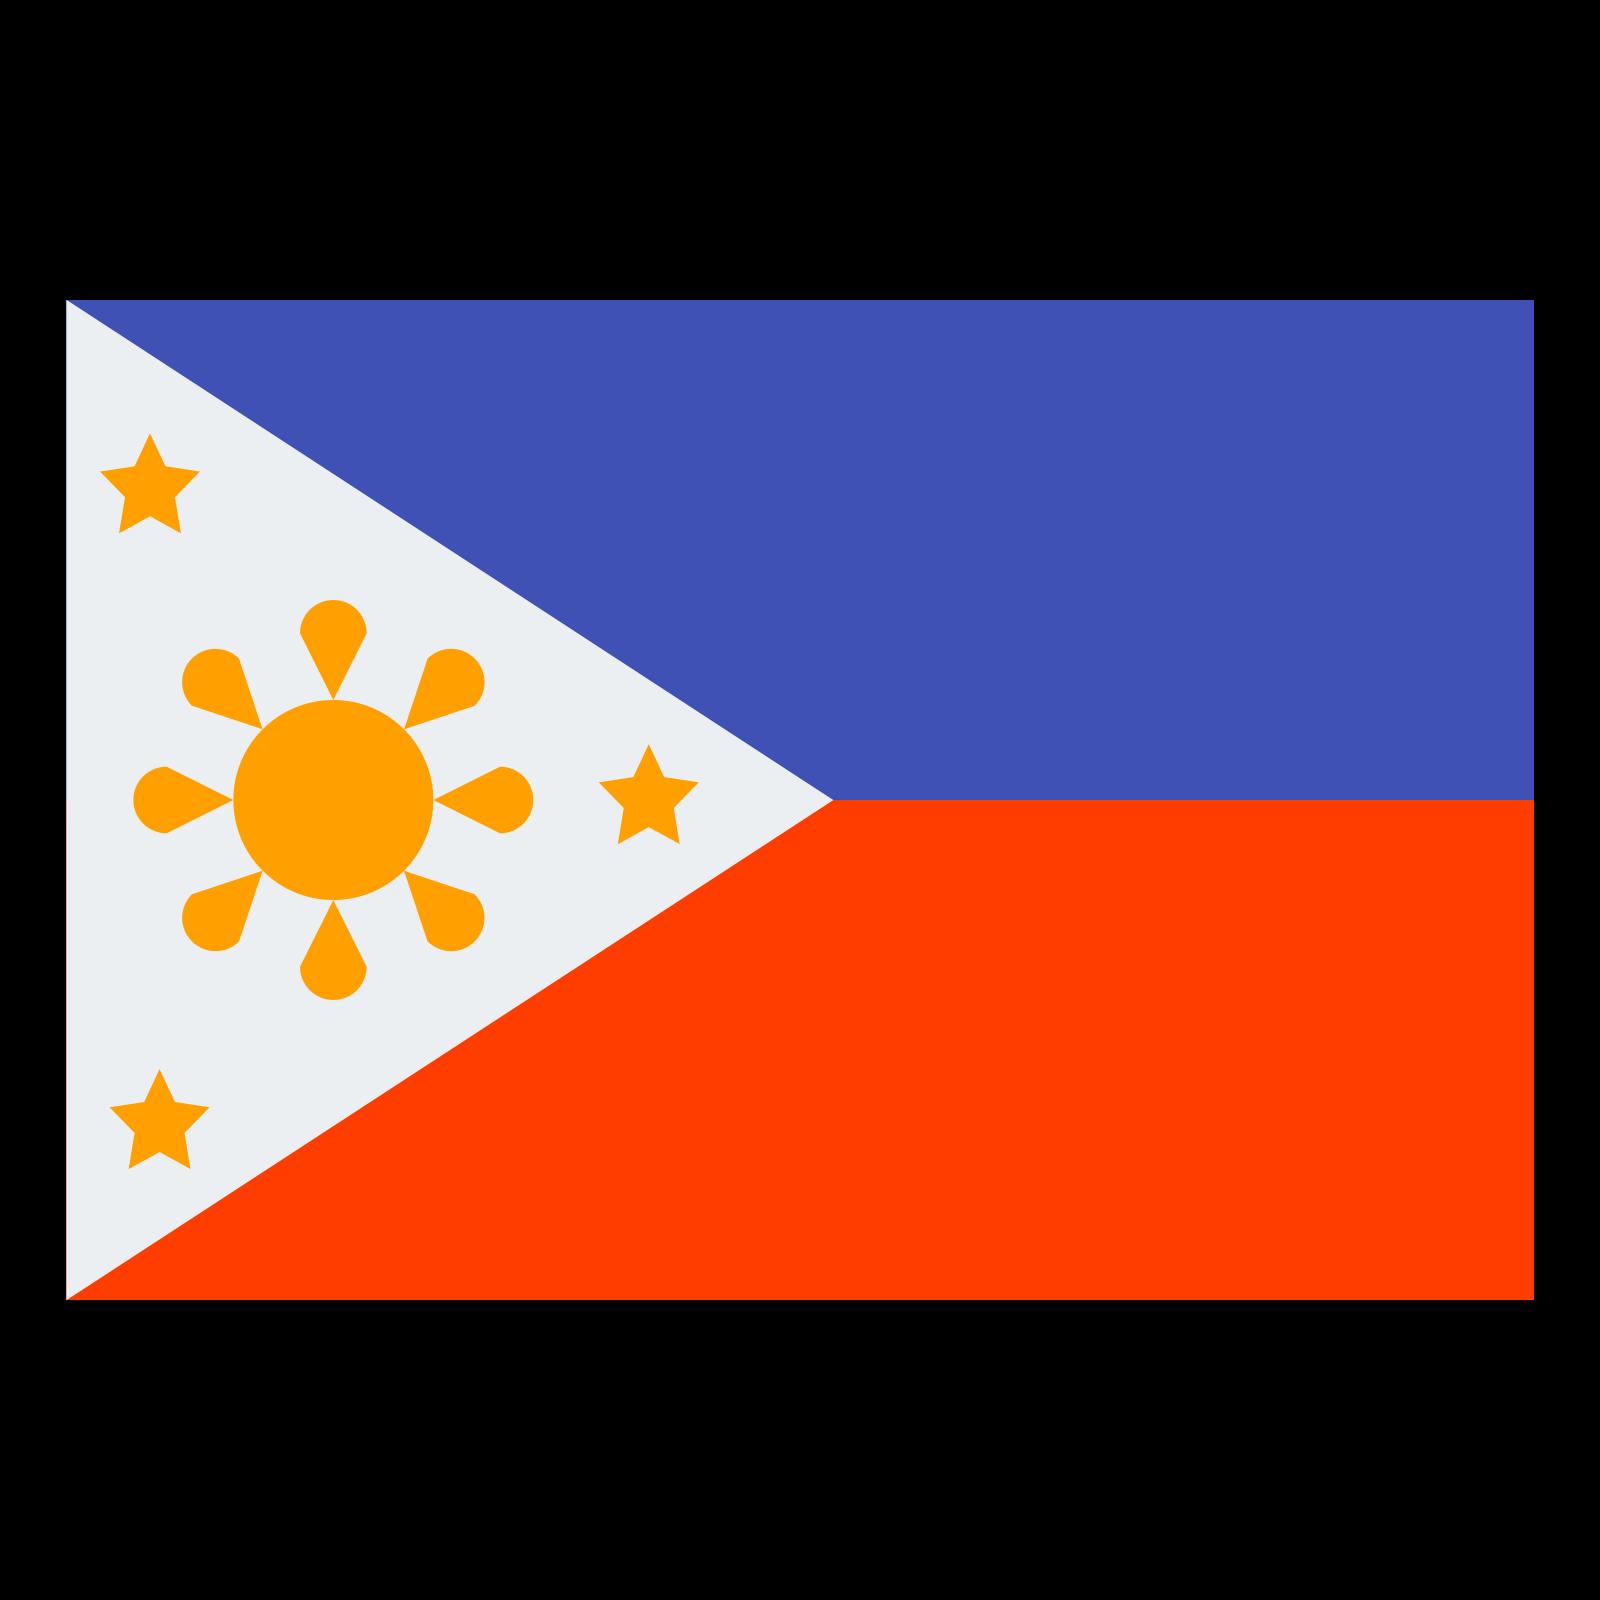 菲律宾 icon